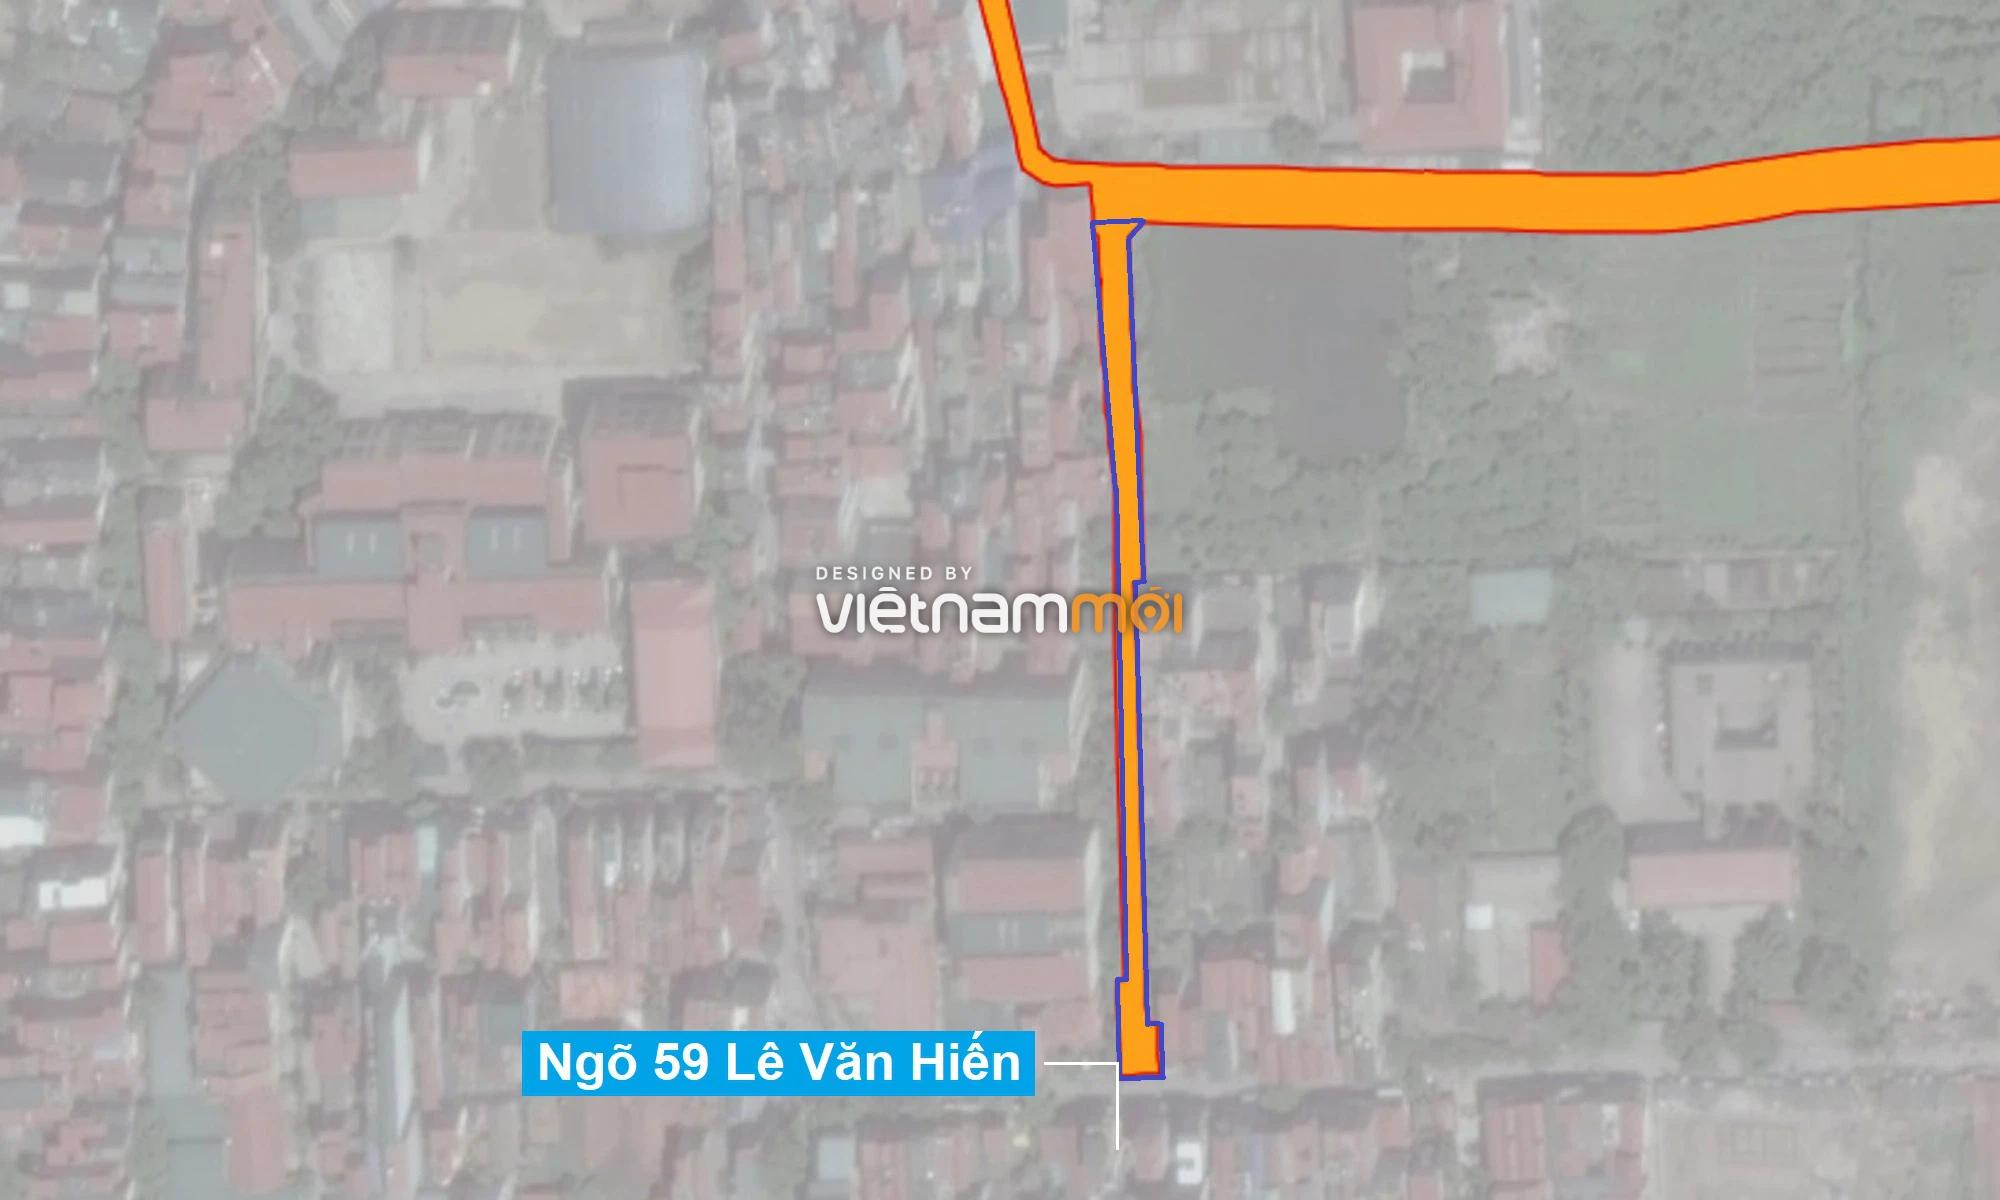 Những khu đất sắp thu hồi để mở đường ở quận Bắc Từ Liêm, Hà Nội (phần 3) - Ảnh 8.